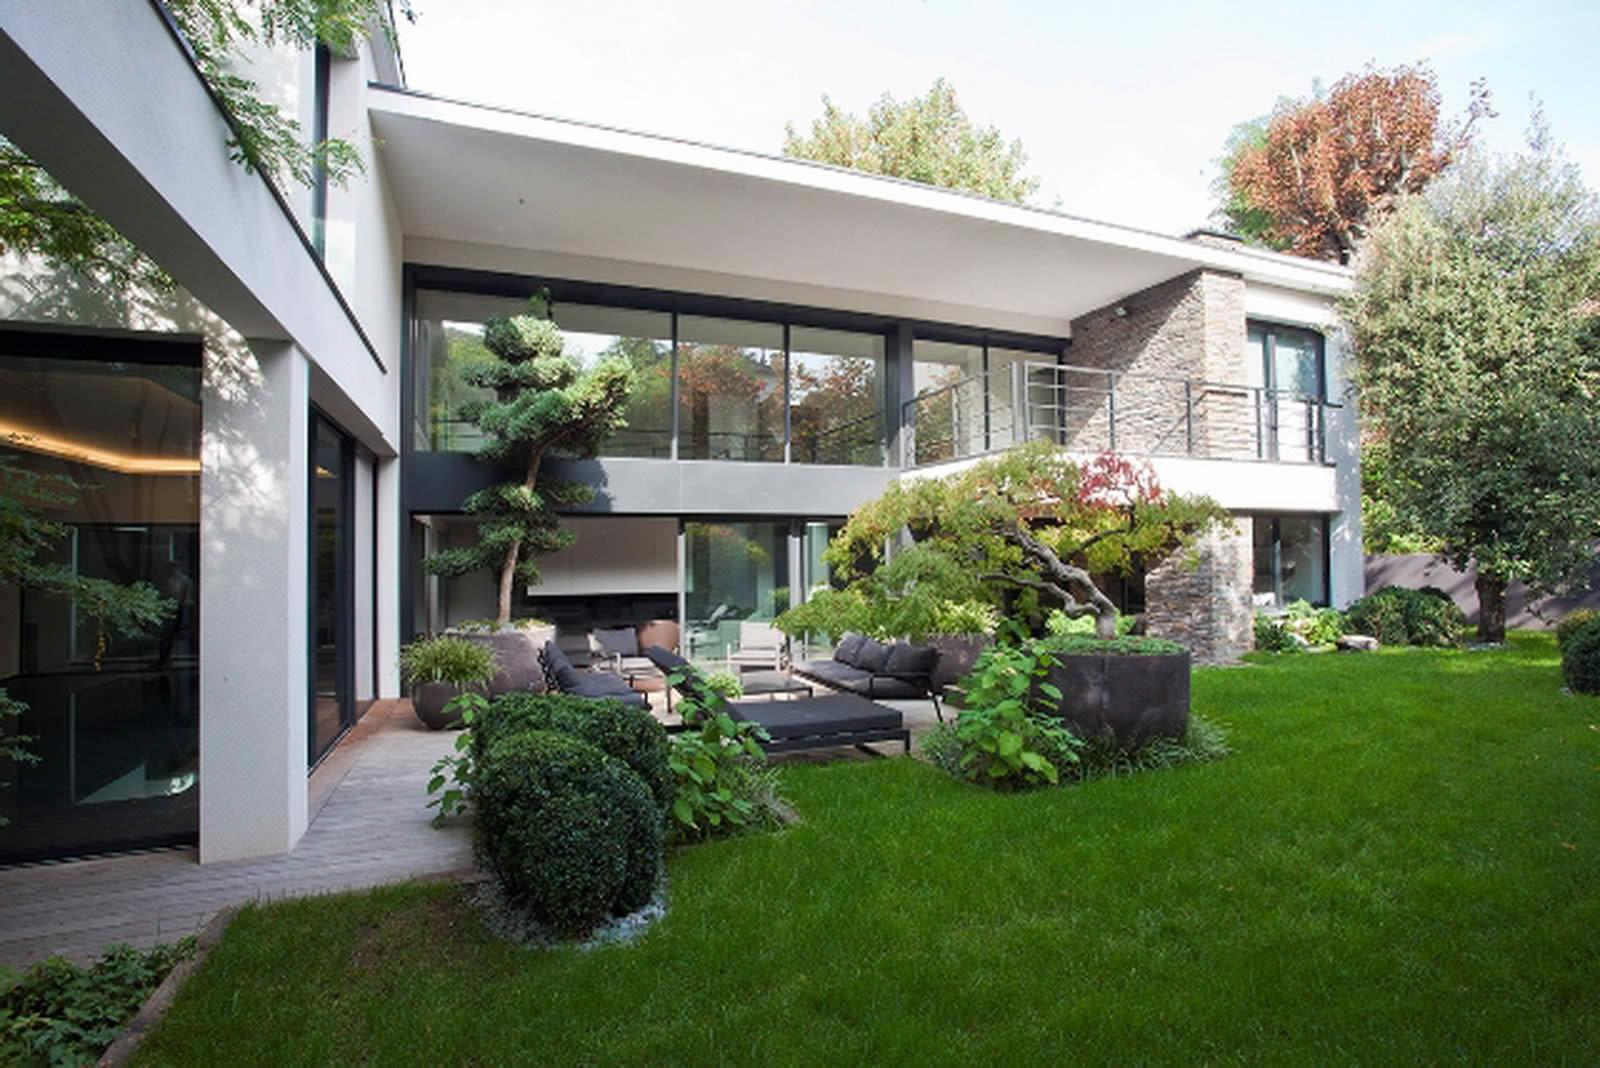 acheter une maison familiale avec vue dans le val de marne autour de paris. Black Bedroom Furniture Sets. Home Design Ideas